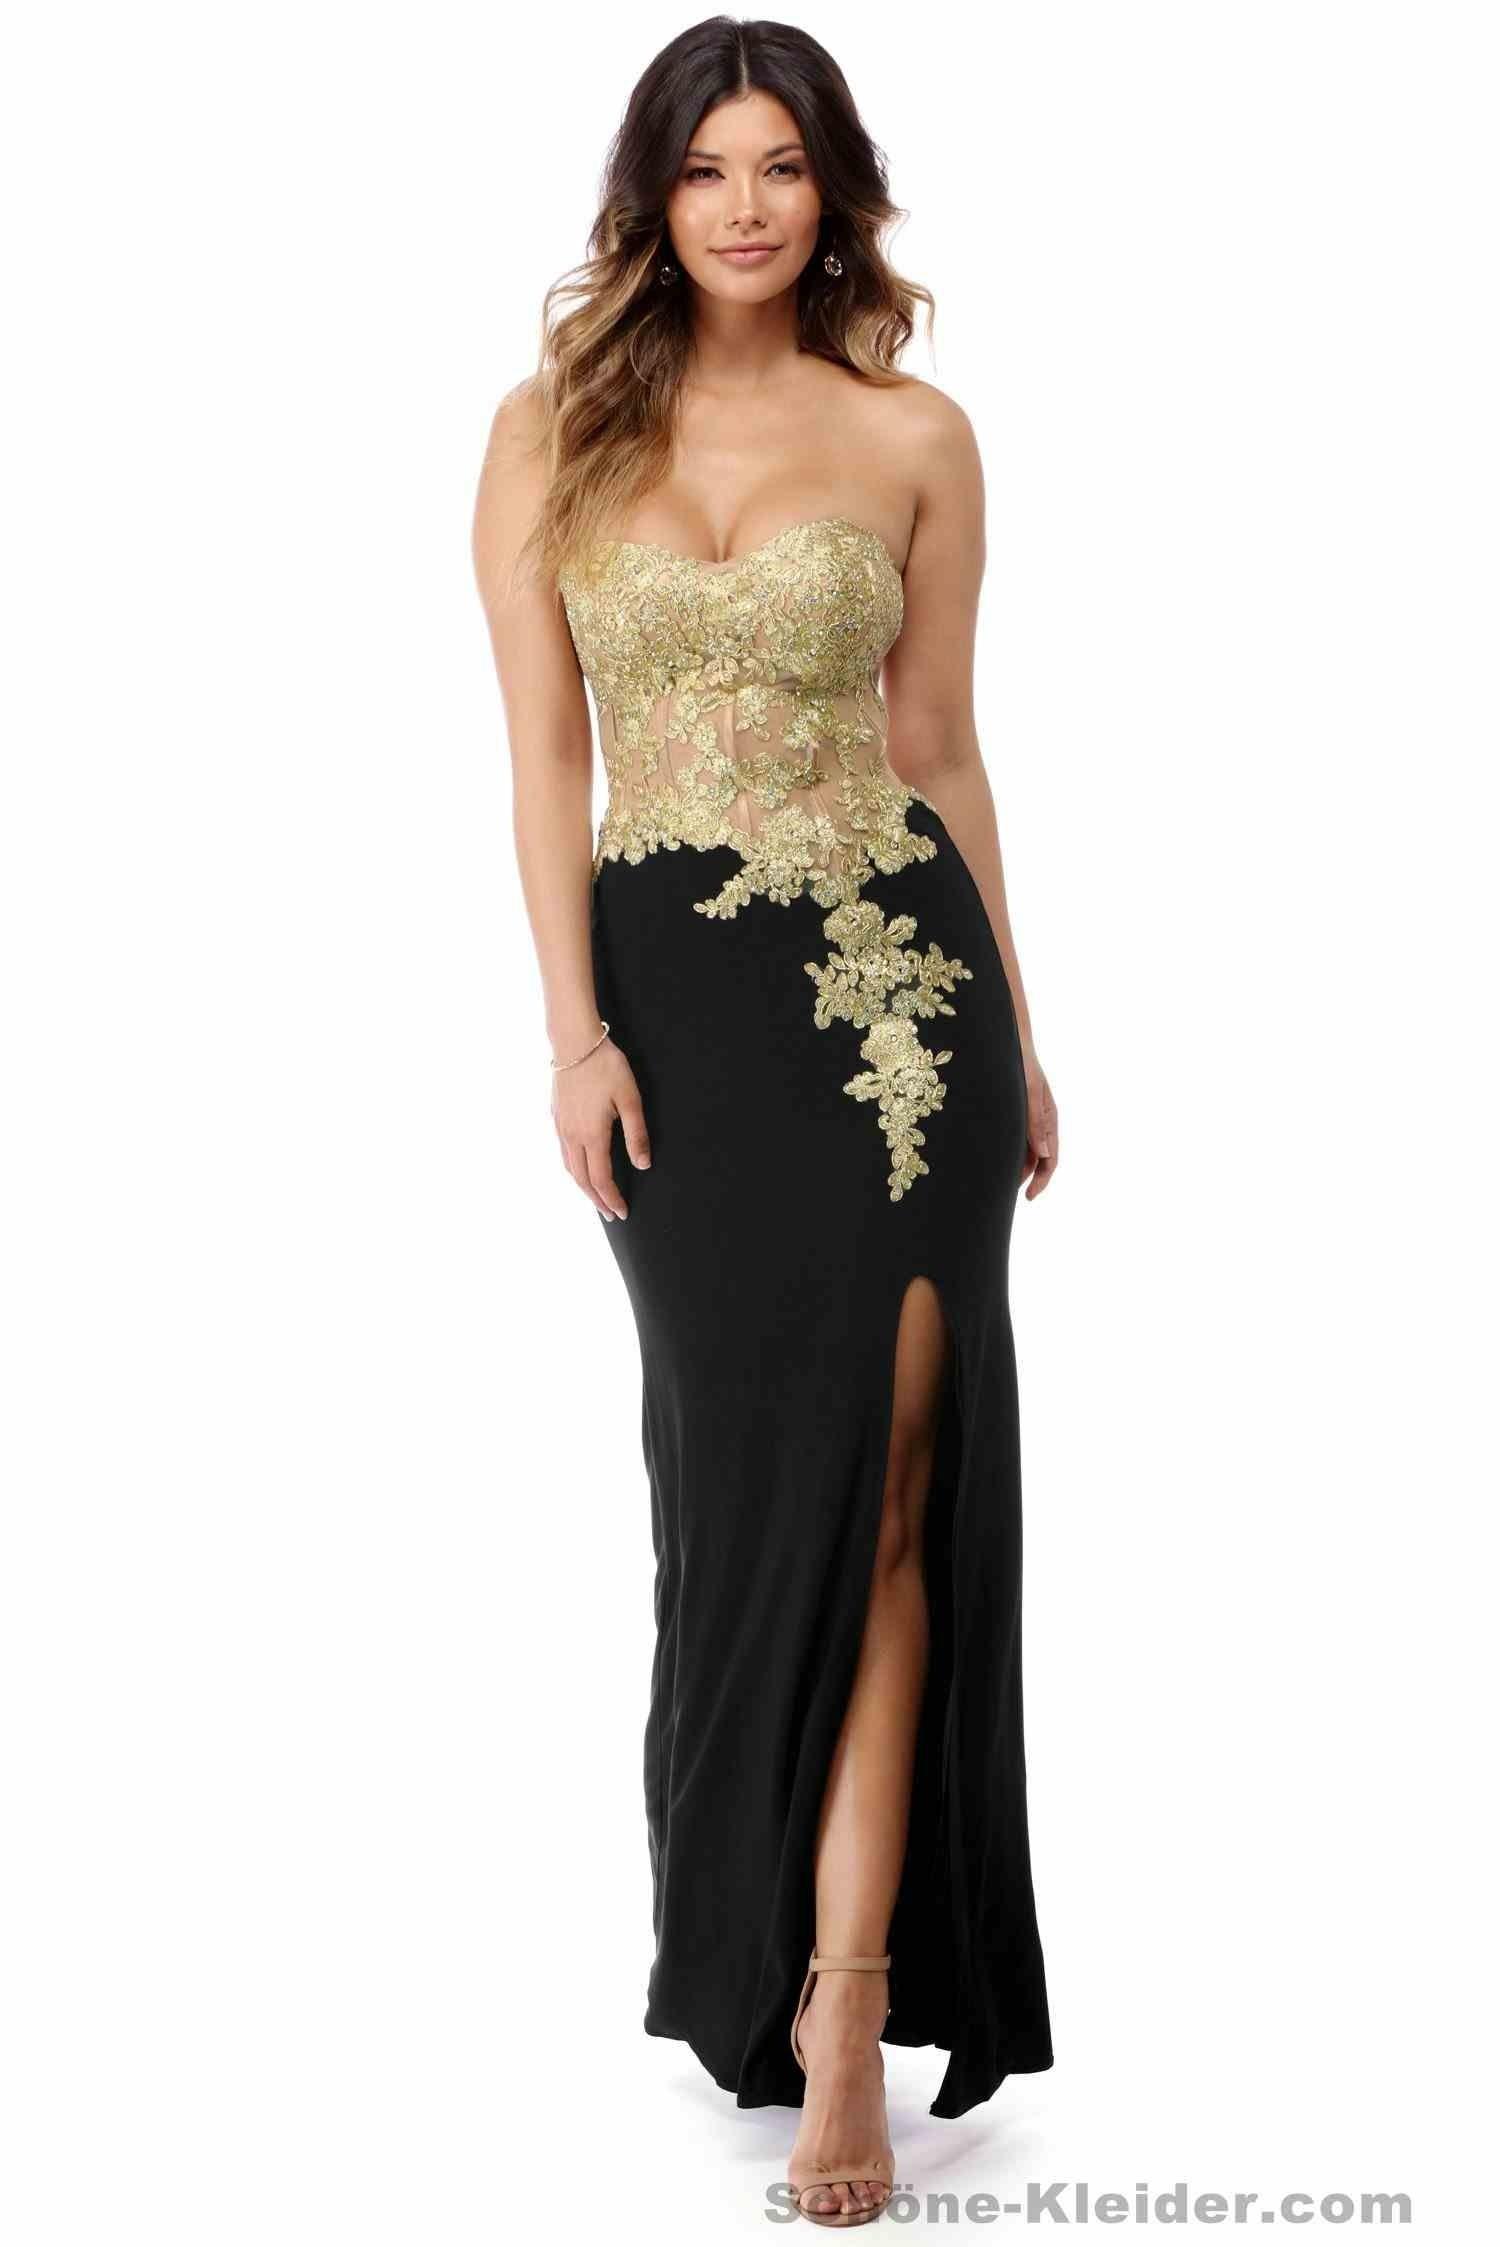 13 Kreativ Hübsche Abendkleider SpezialgebietFormal Wunderbar Hübsche Abendkleider Design